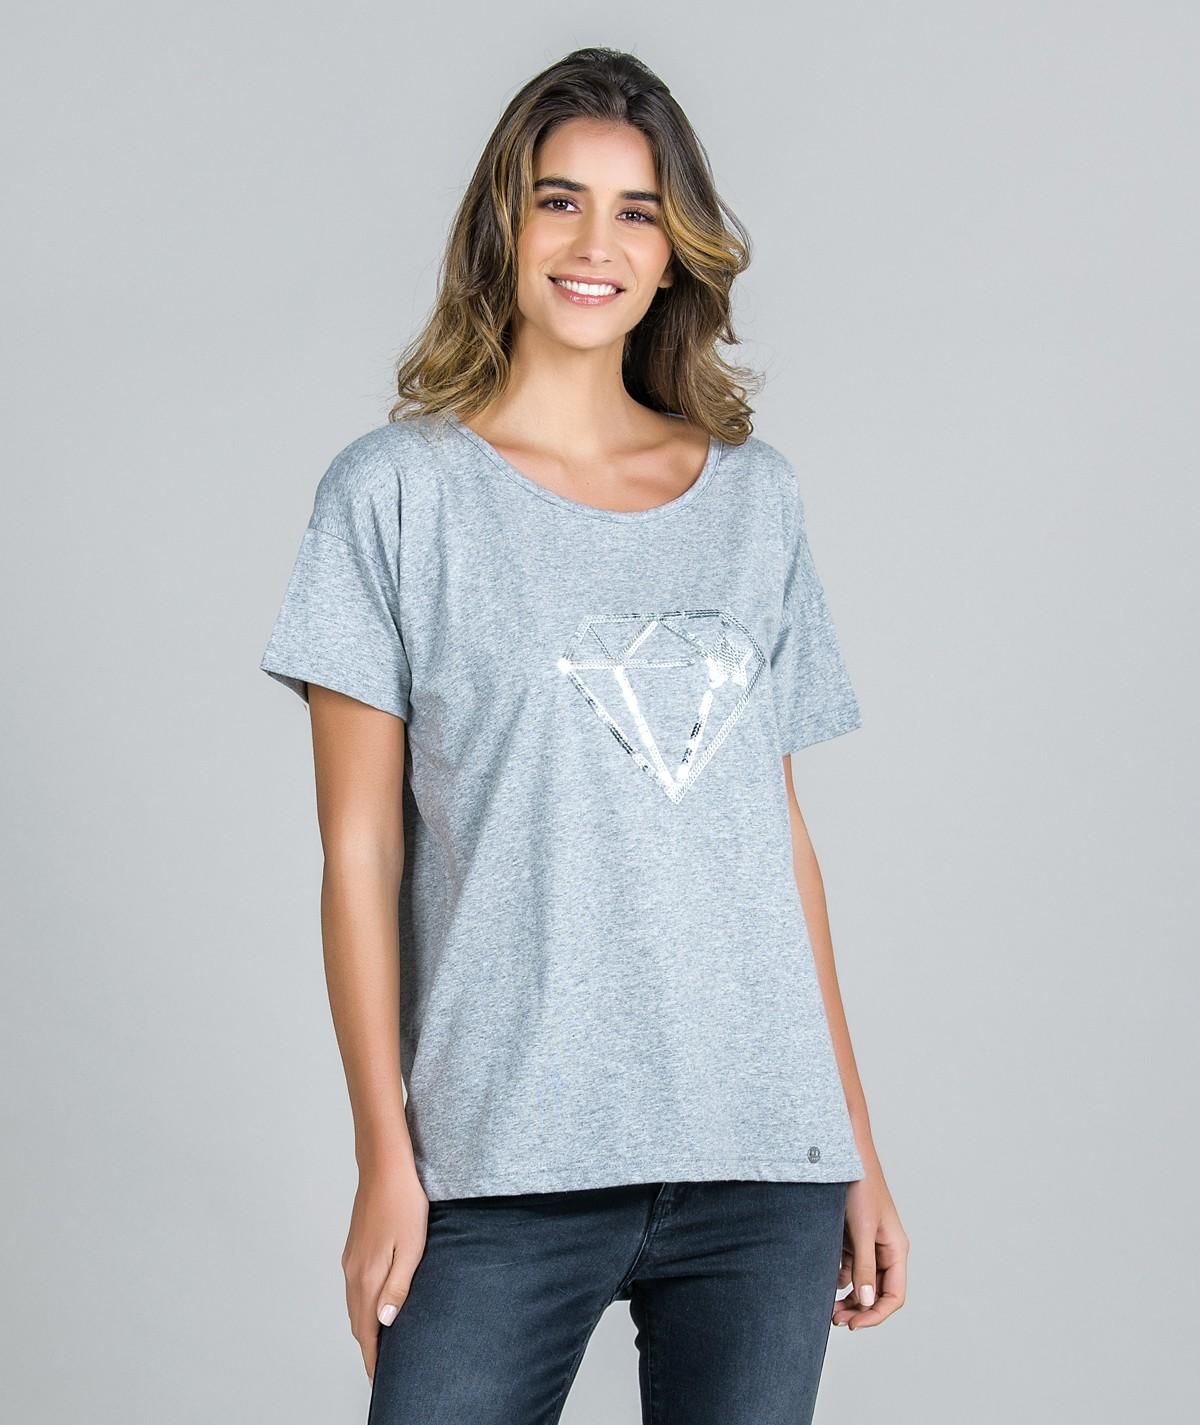 T-Shirt Bordado Lantejoulas